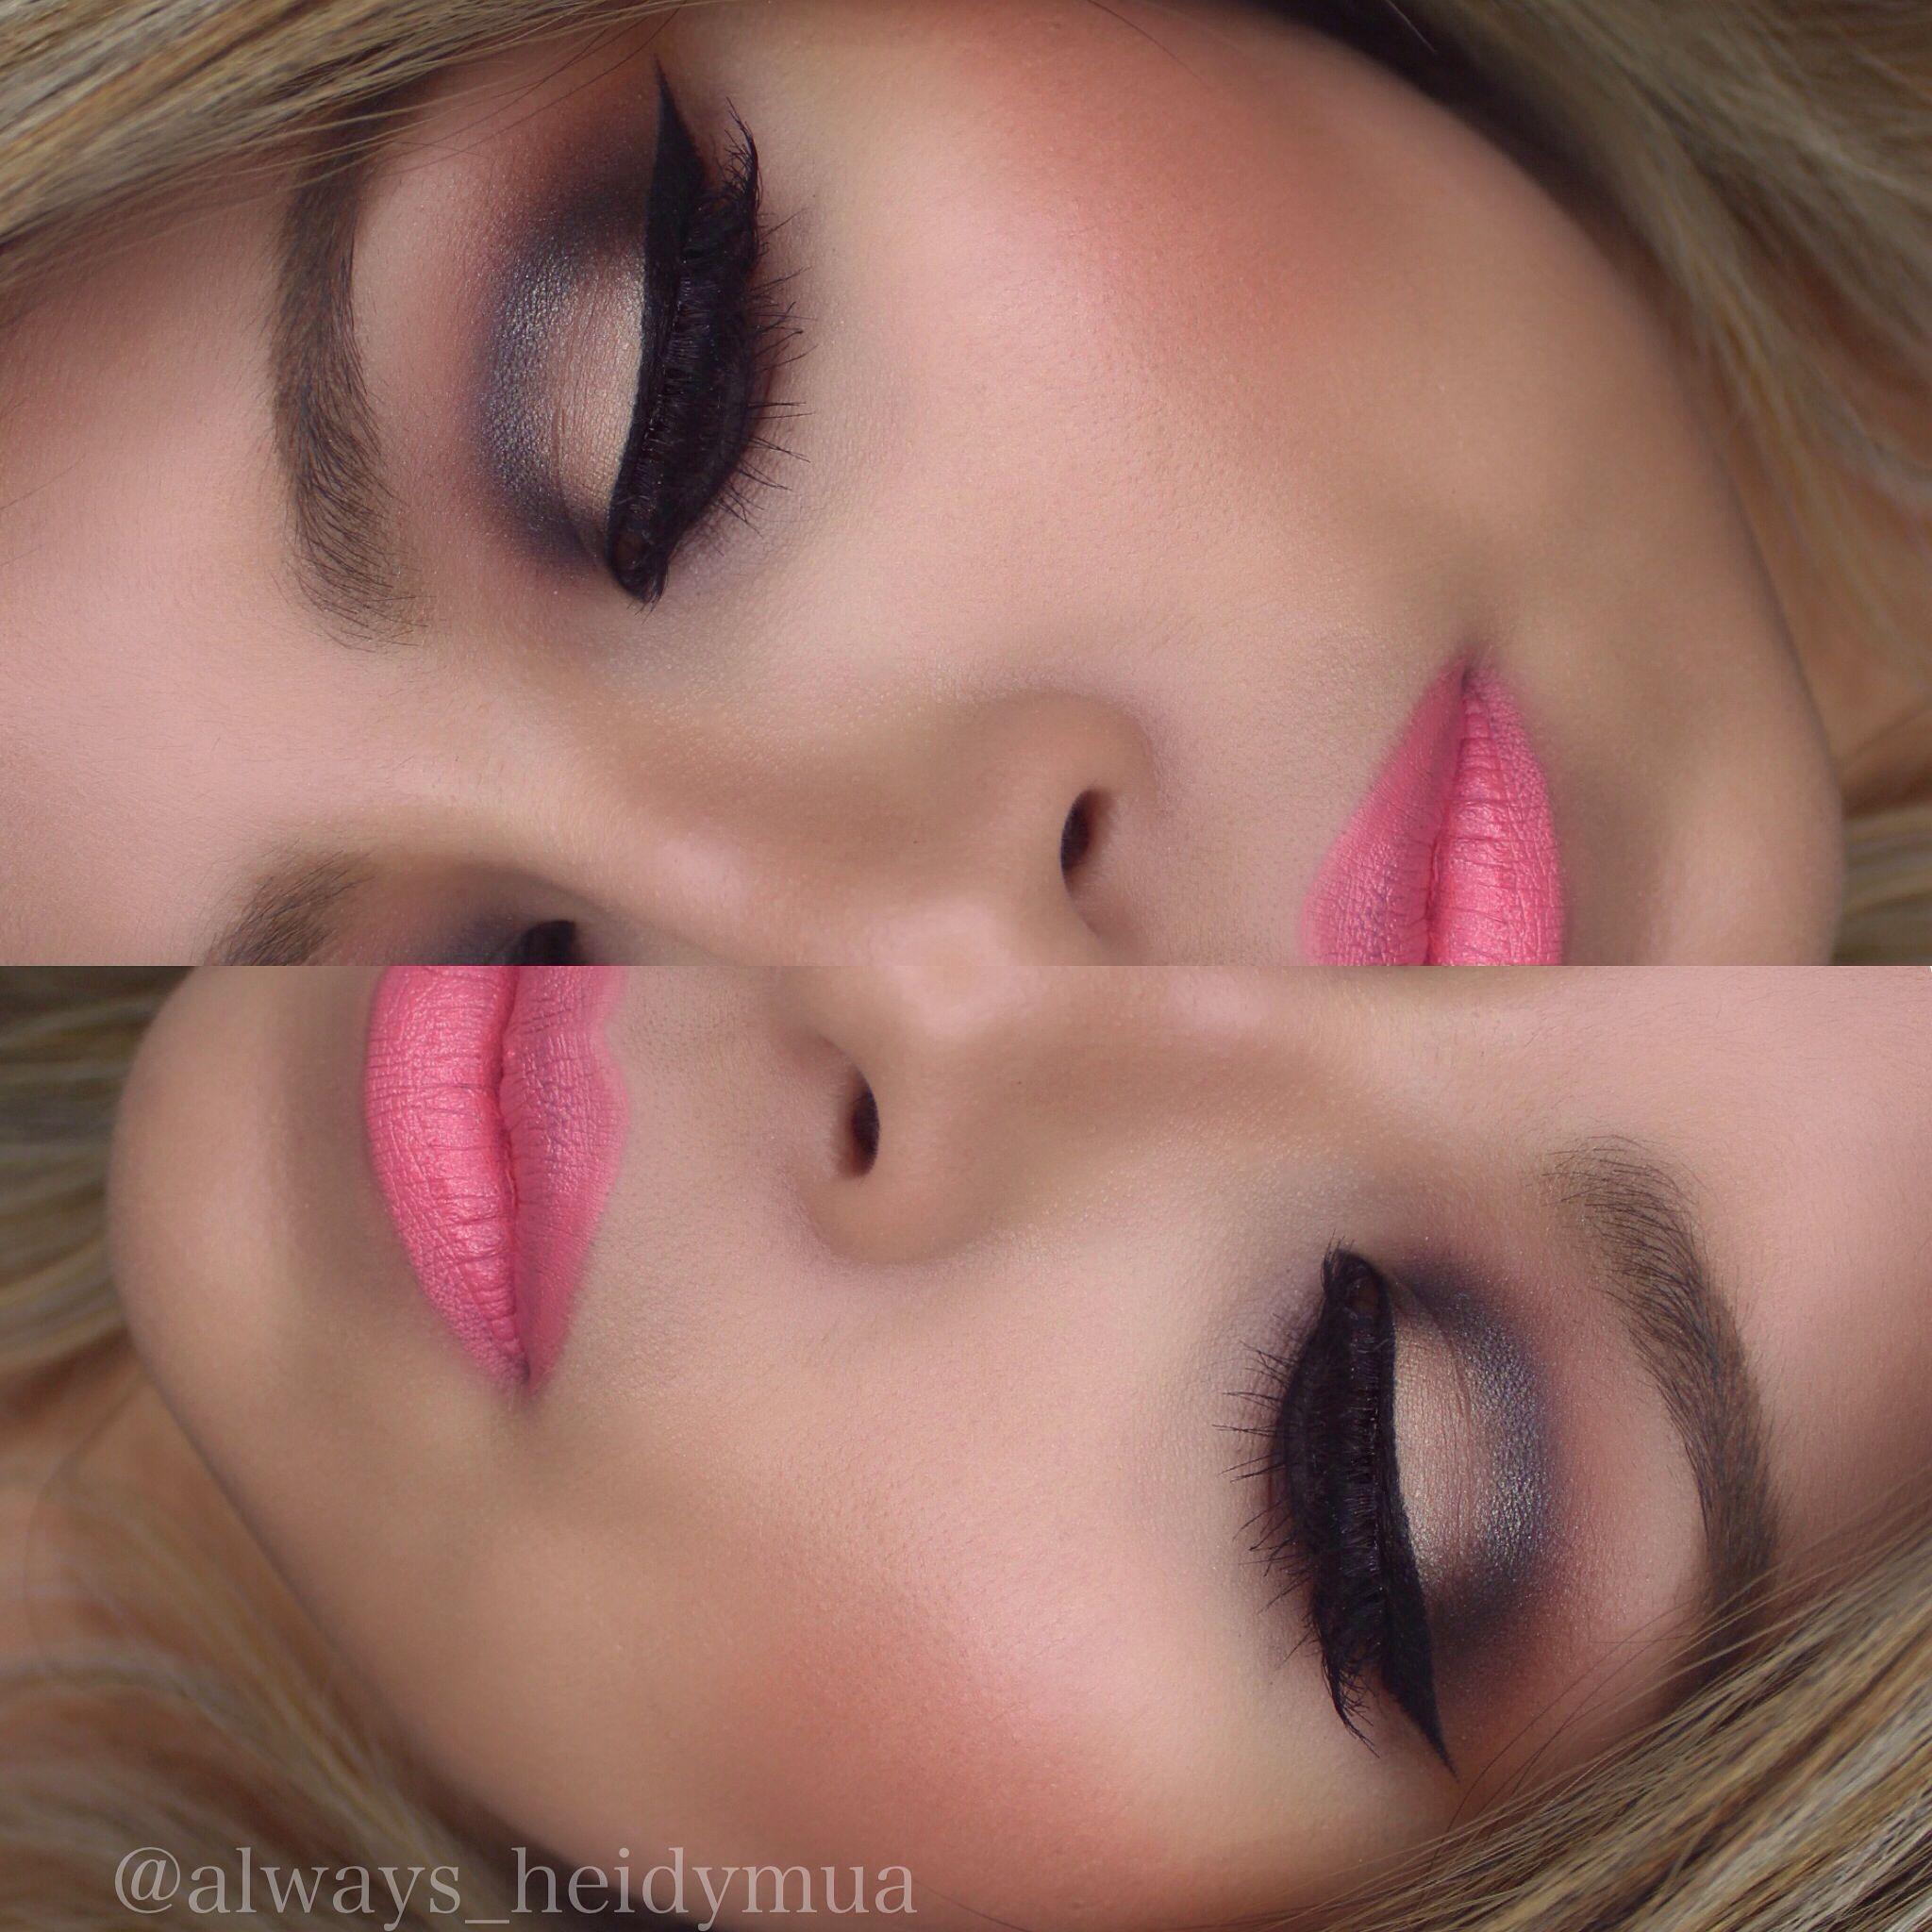 Anastasia Beverlyhills mayamia palette and Mac Betty